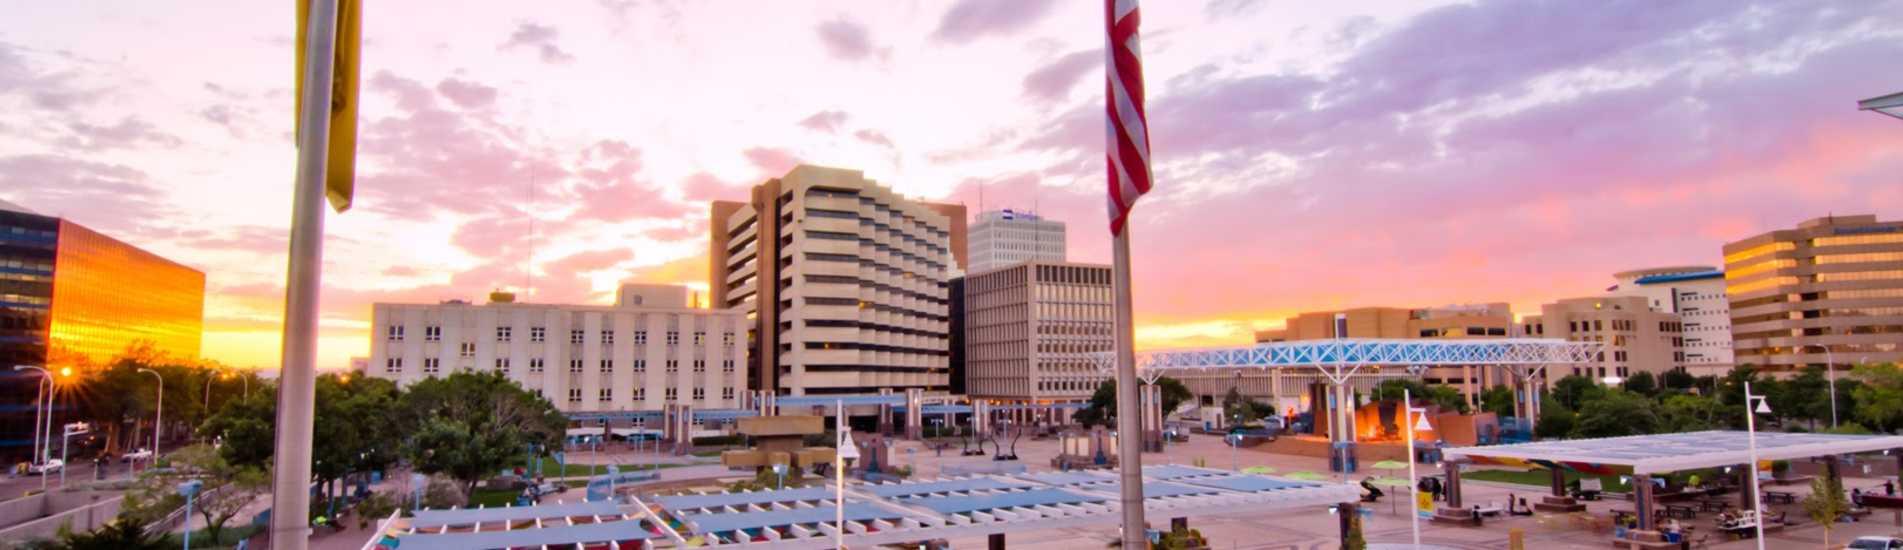 City of Albuquerque Picture